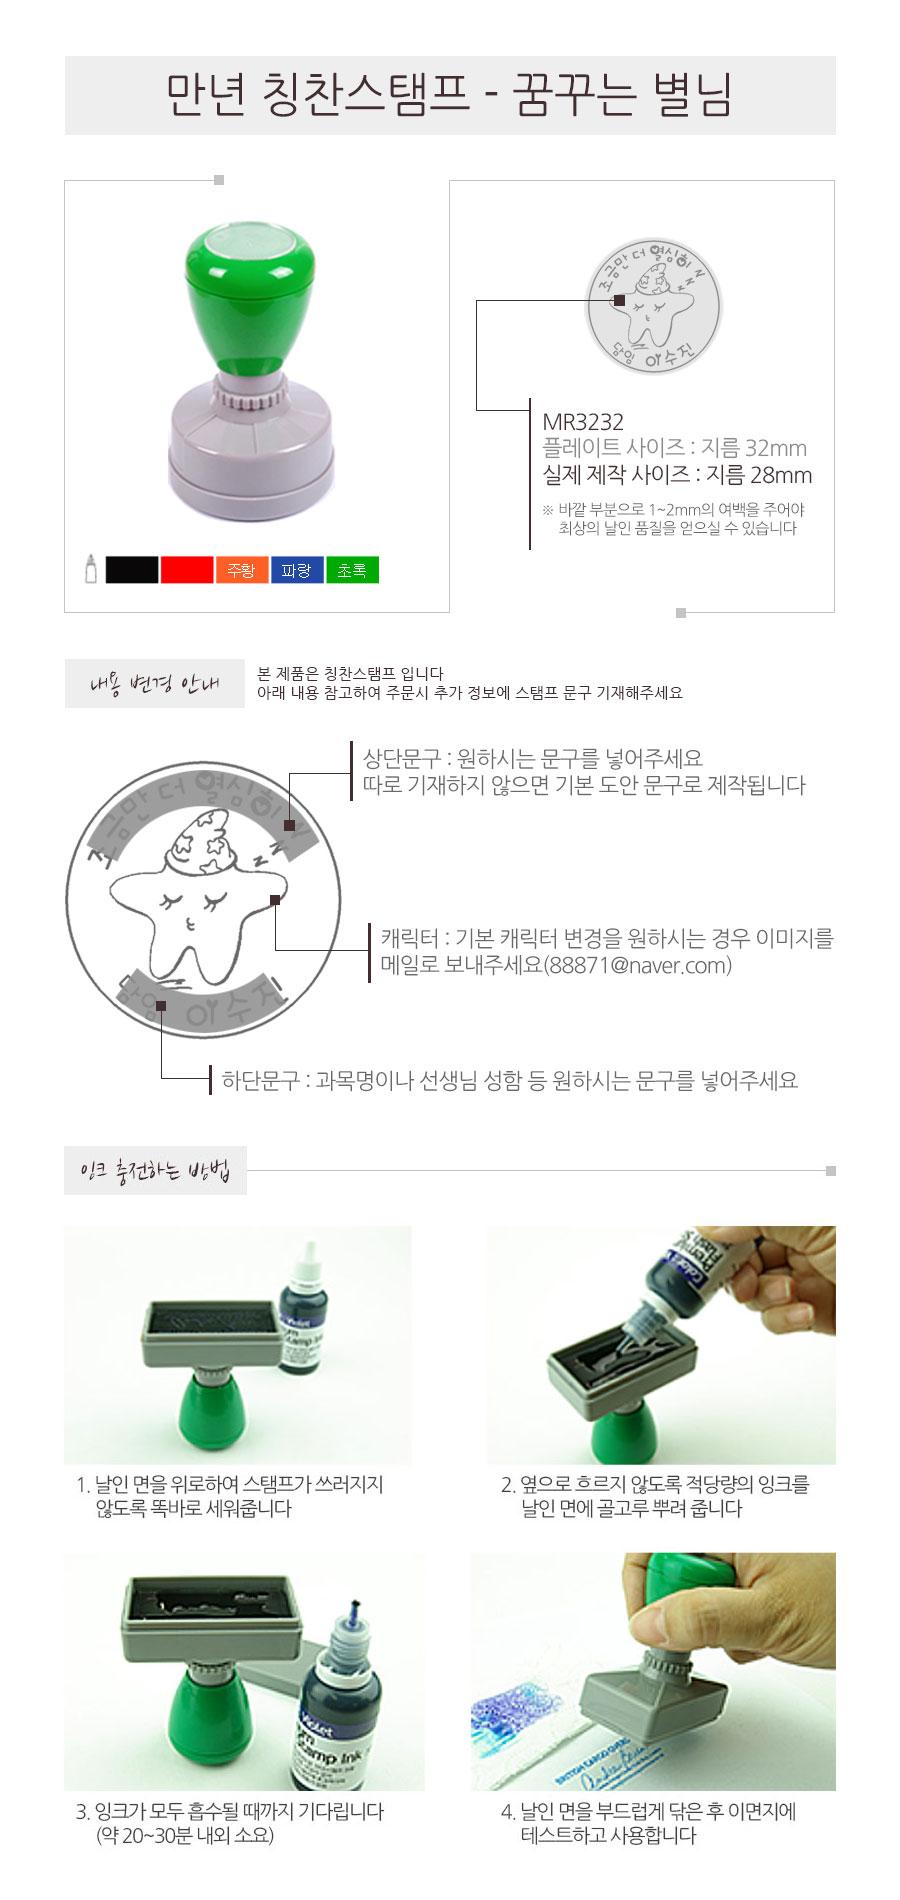 만년 칭찬도장 선생님스탬프 주문제작 꿈꾸는별님 - 고무인닷컴, 14,300원, 스탬프, 주문제작스탬프